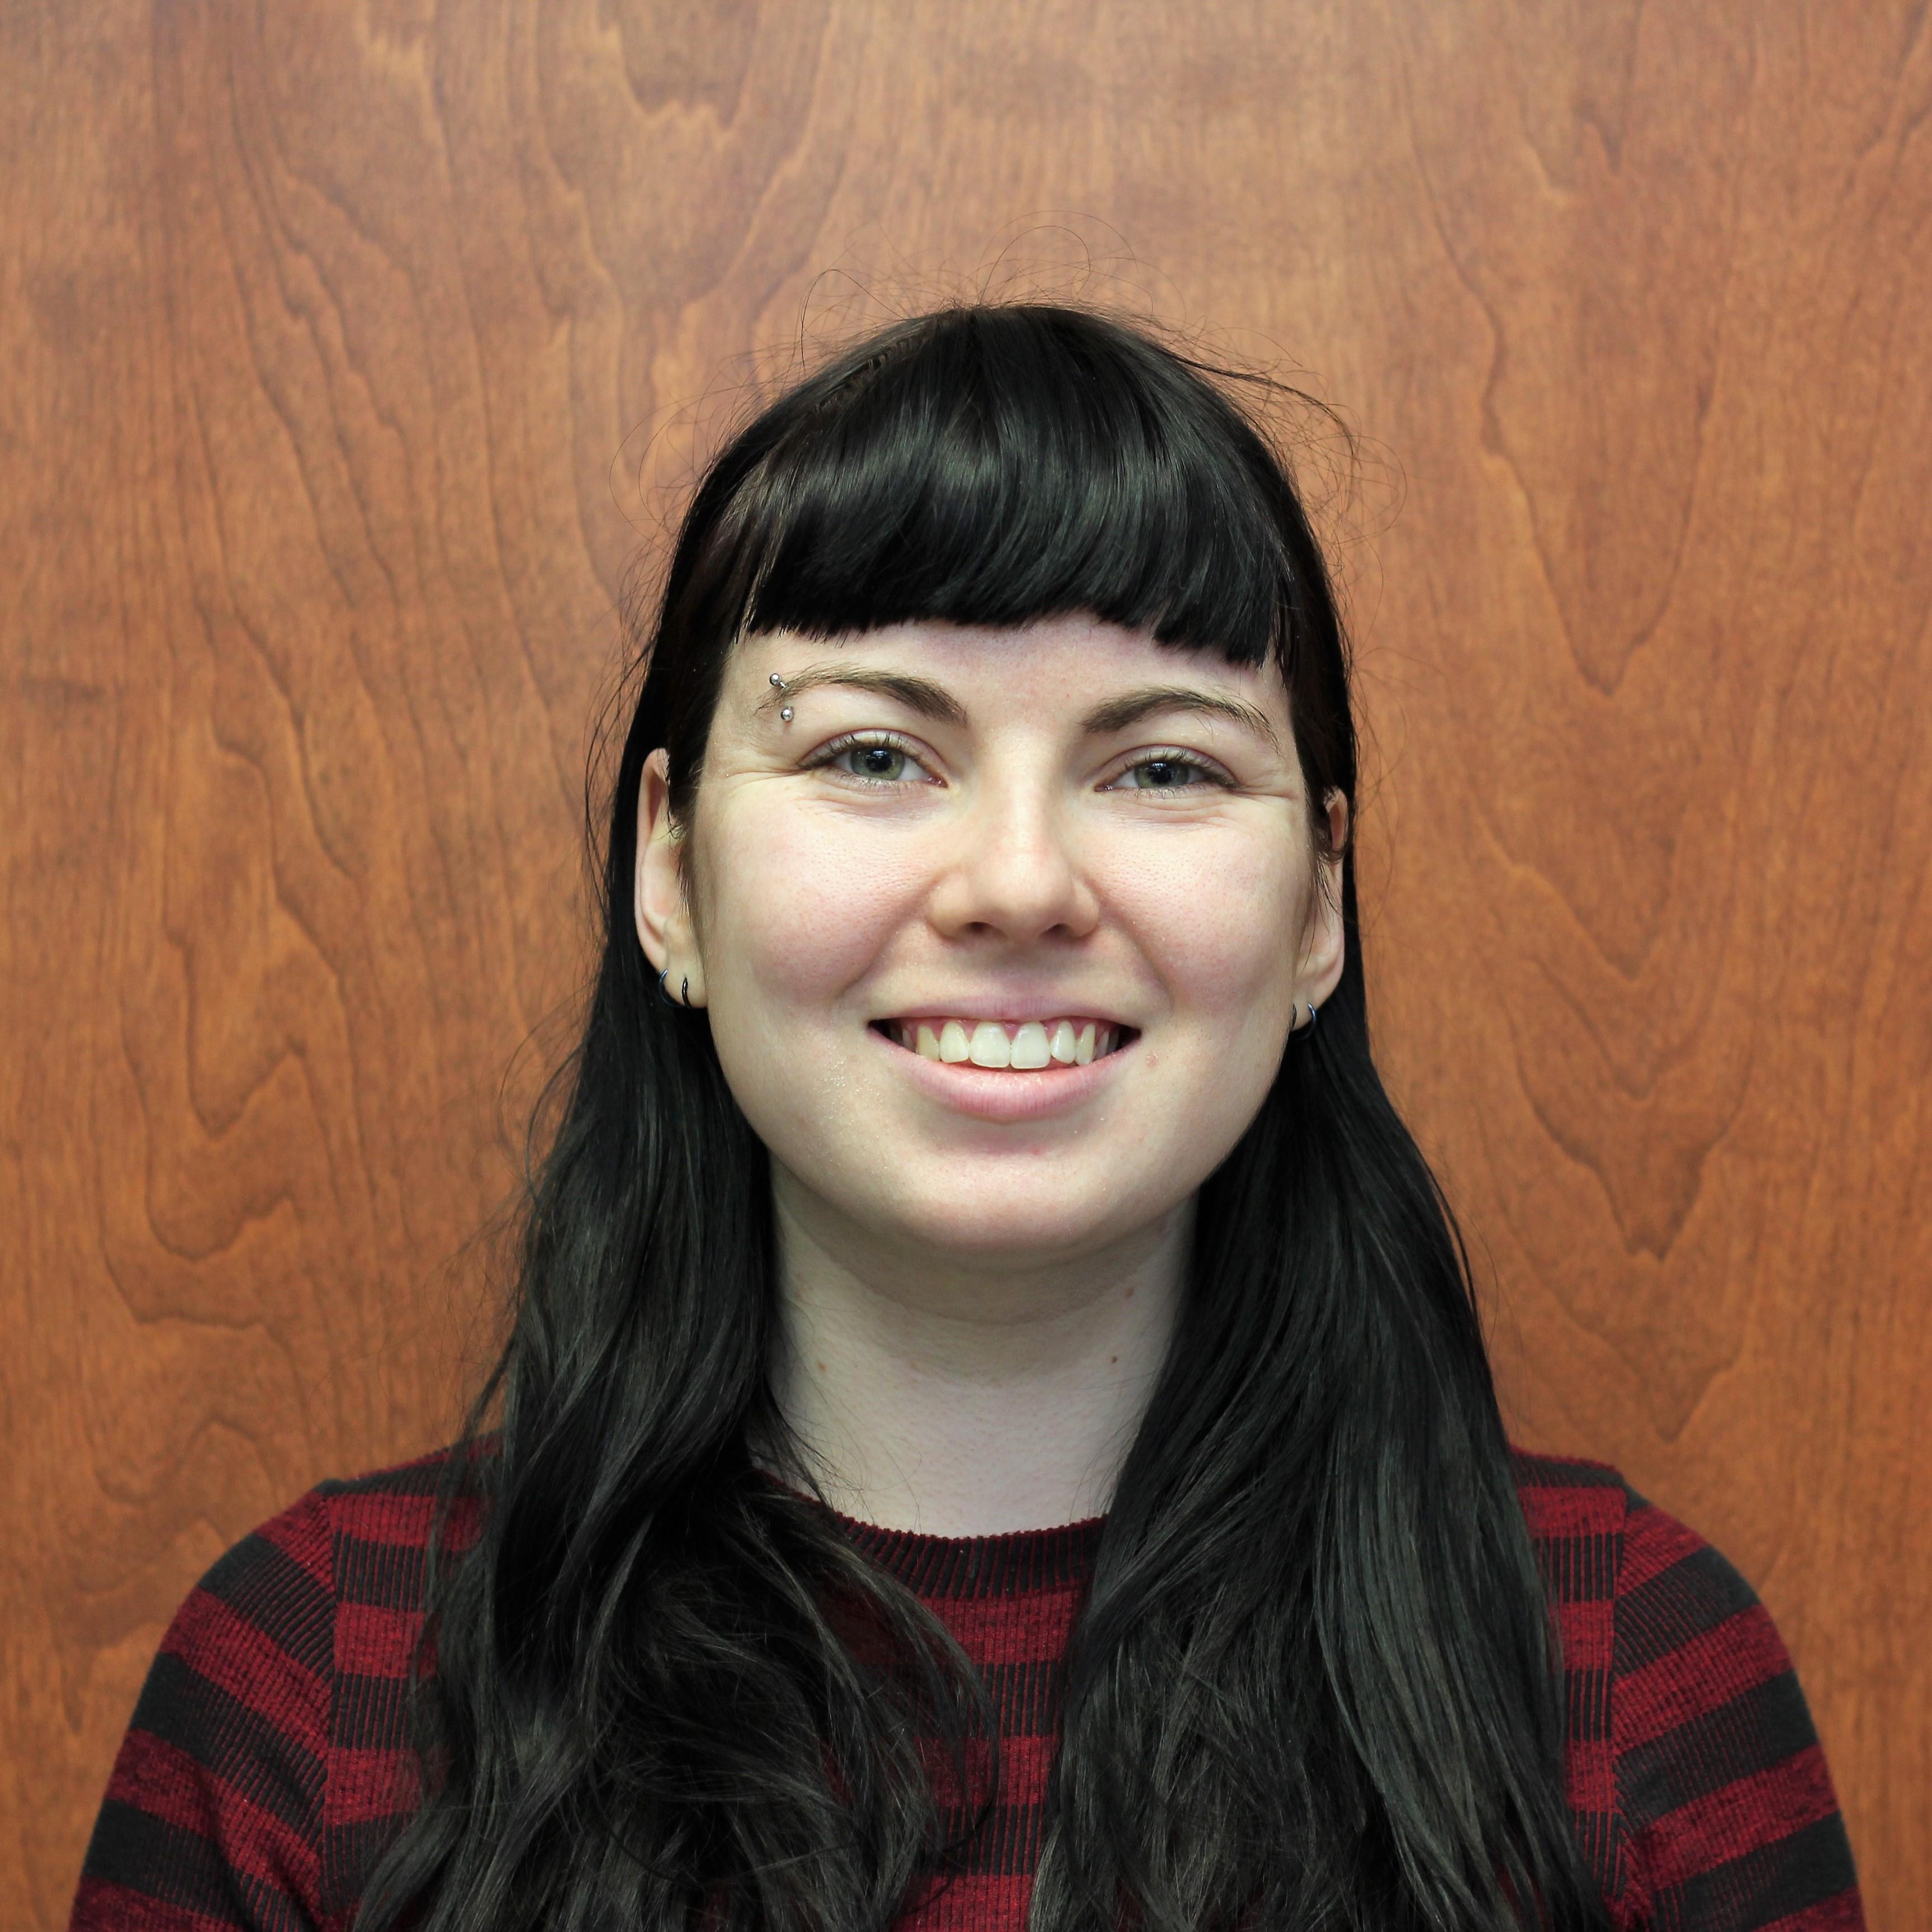 Paige Knapp